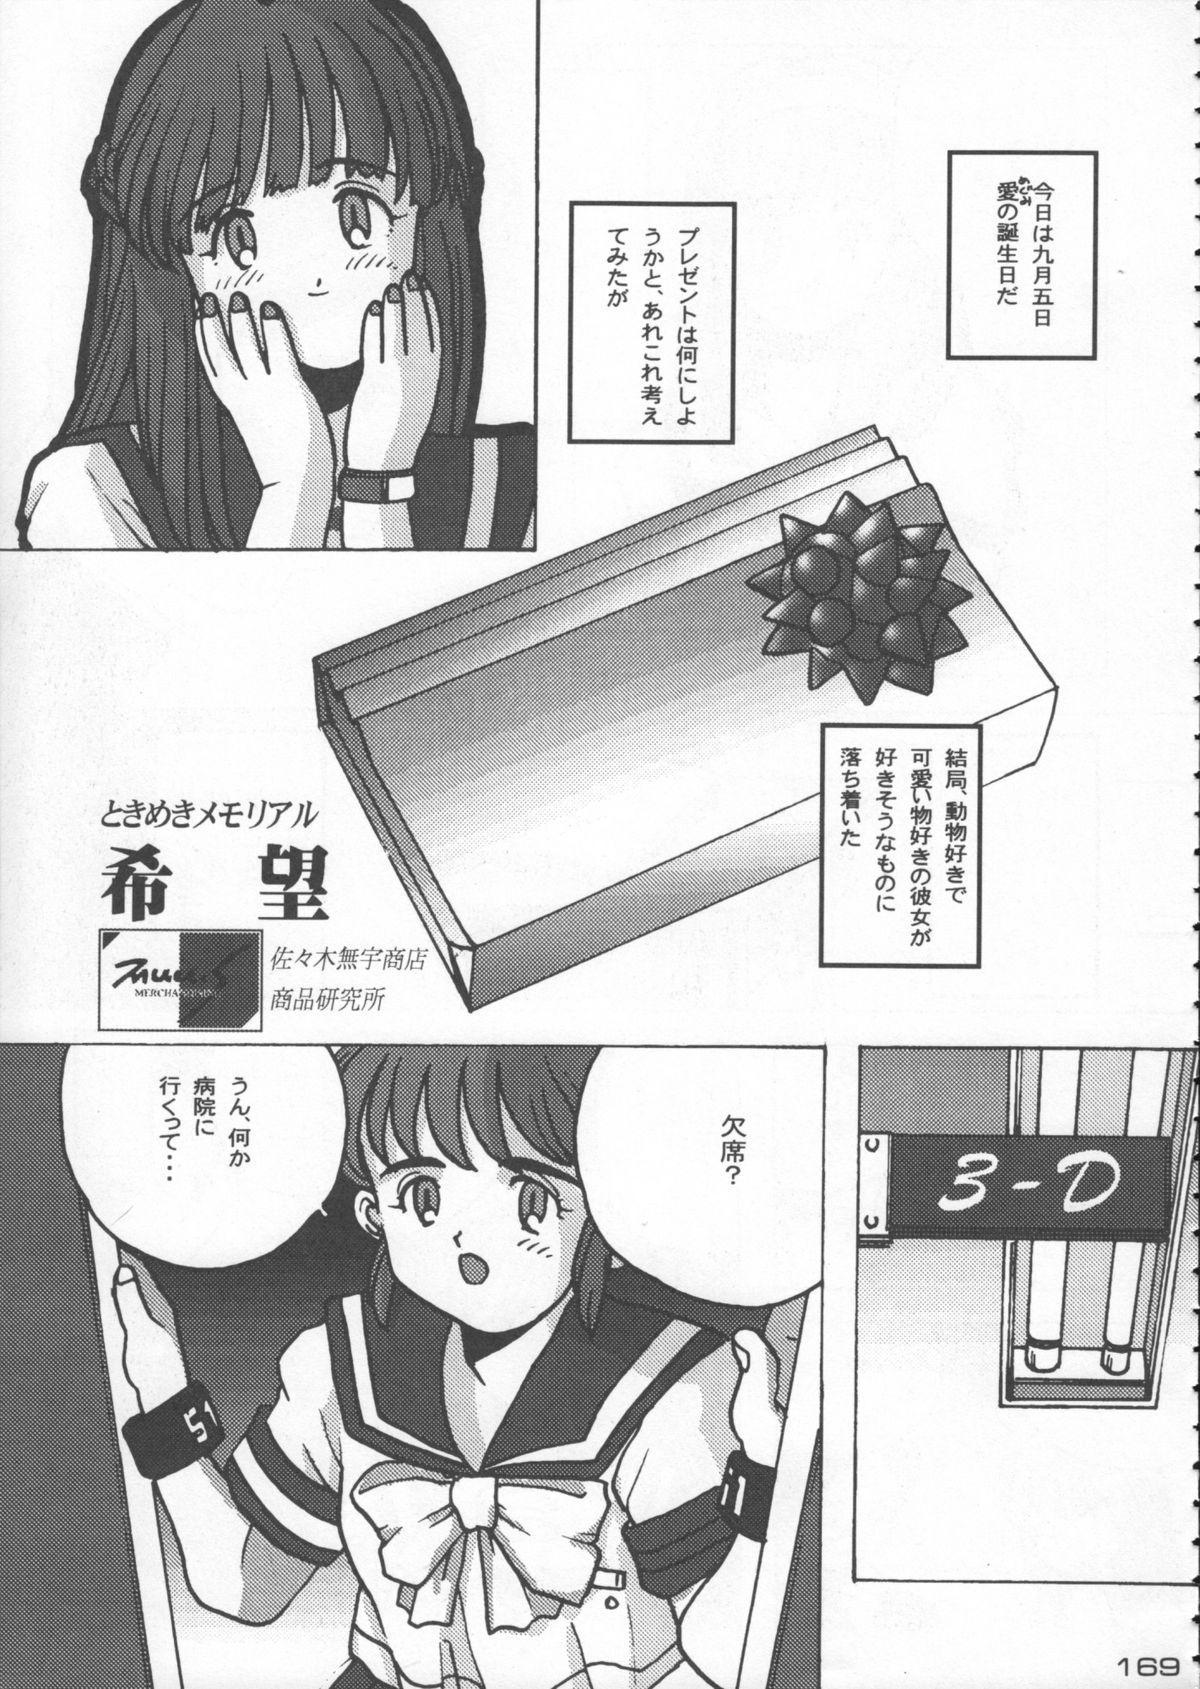 Godzilla vs Curry Aji 169